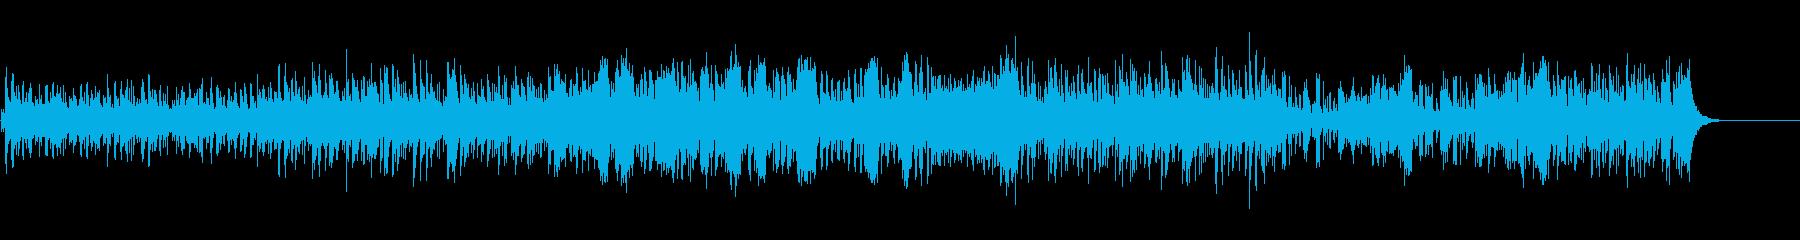 【曲頭の打楽器なし】南国のゆるいBGMの再生済みの波形